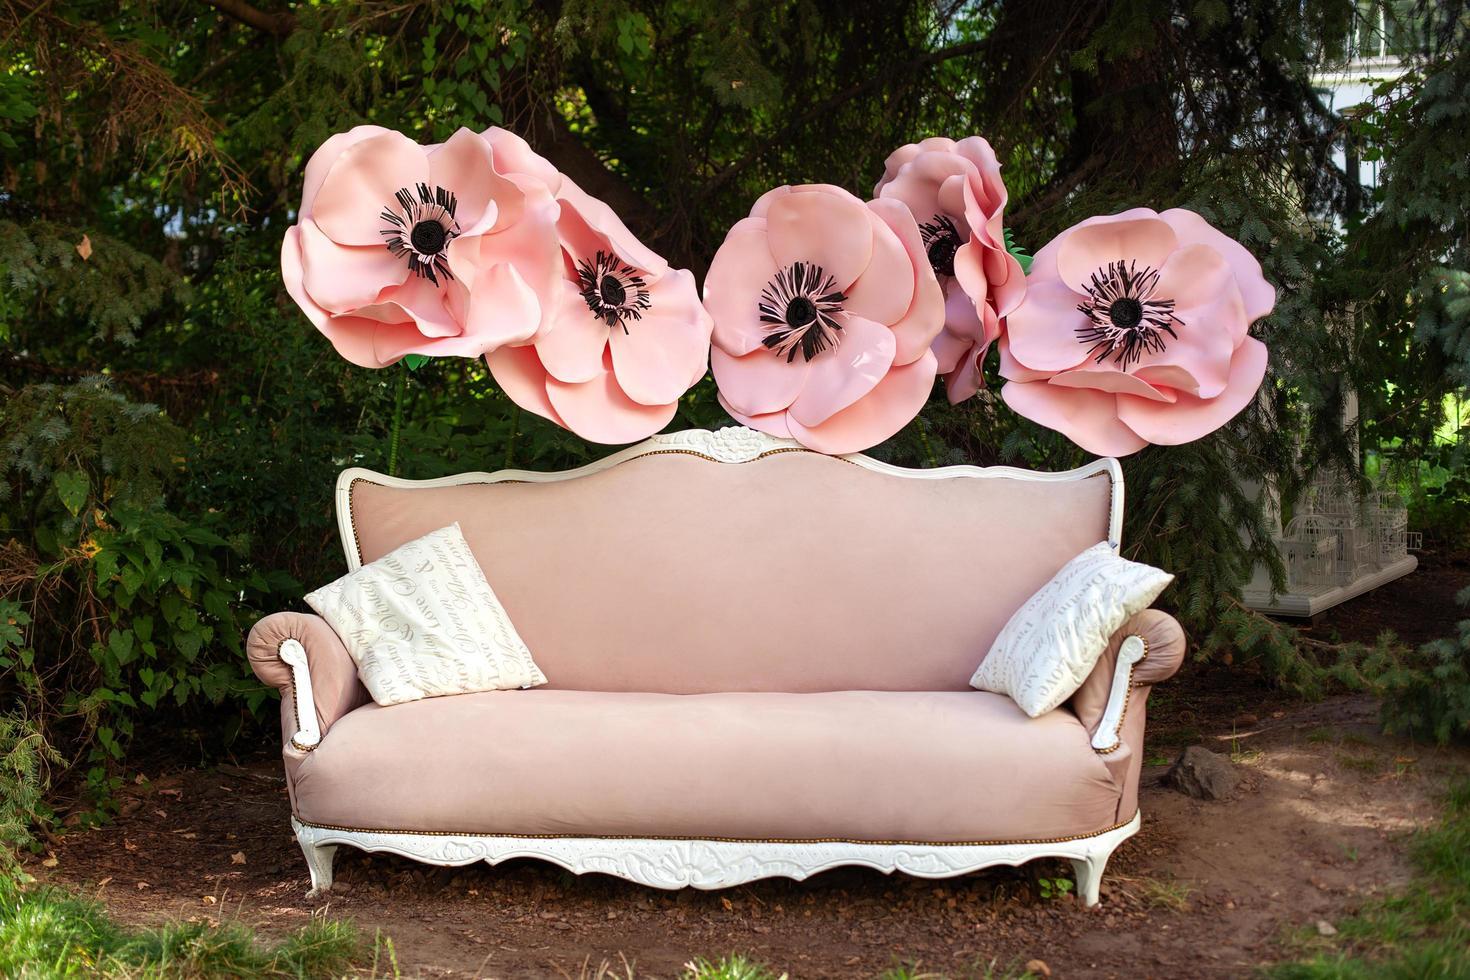 Jardin canapé rose vintage le jour de l'été photo